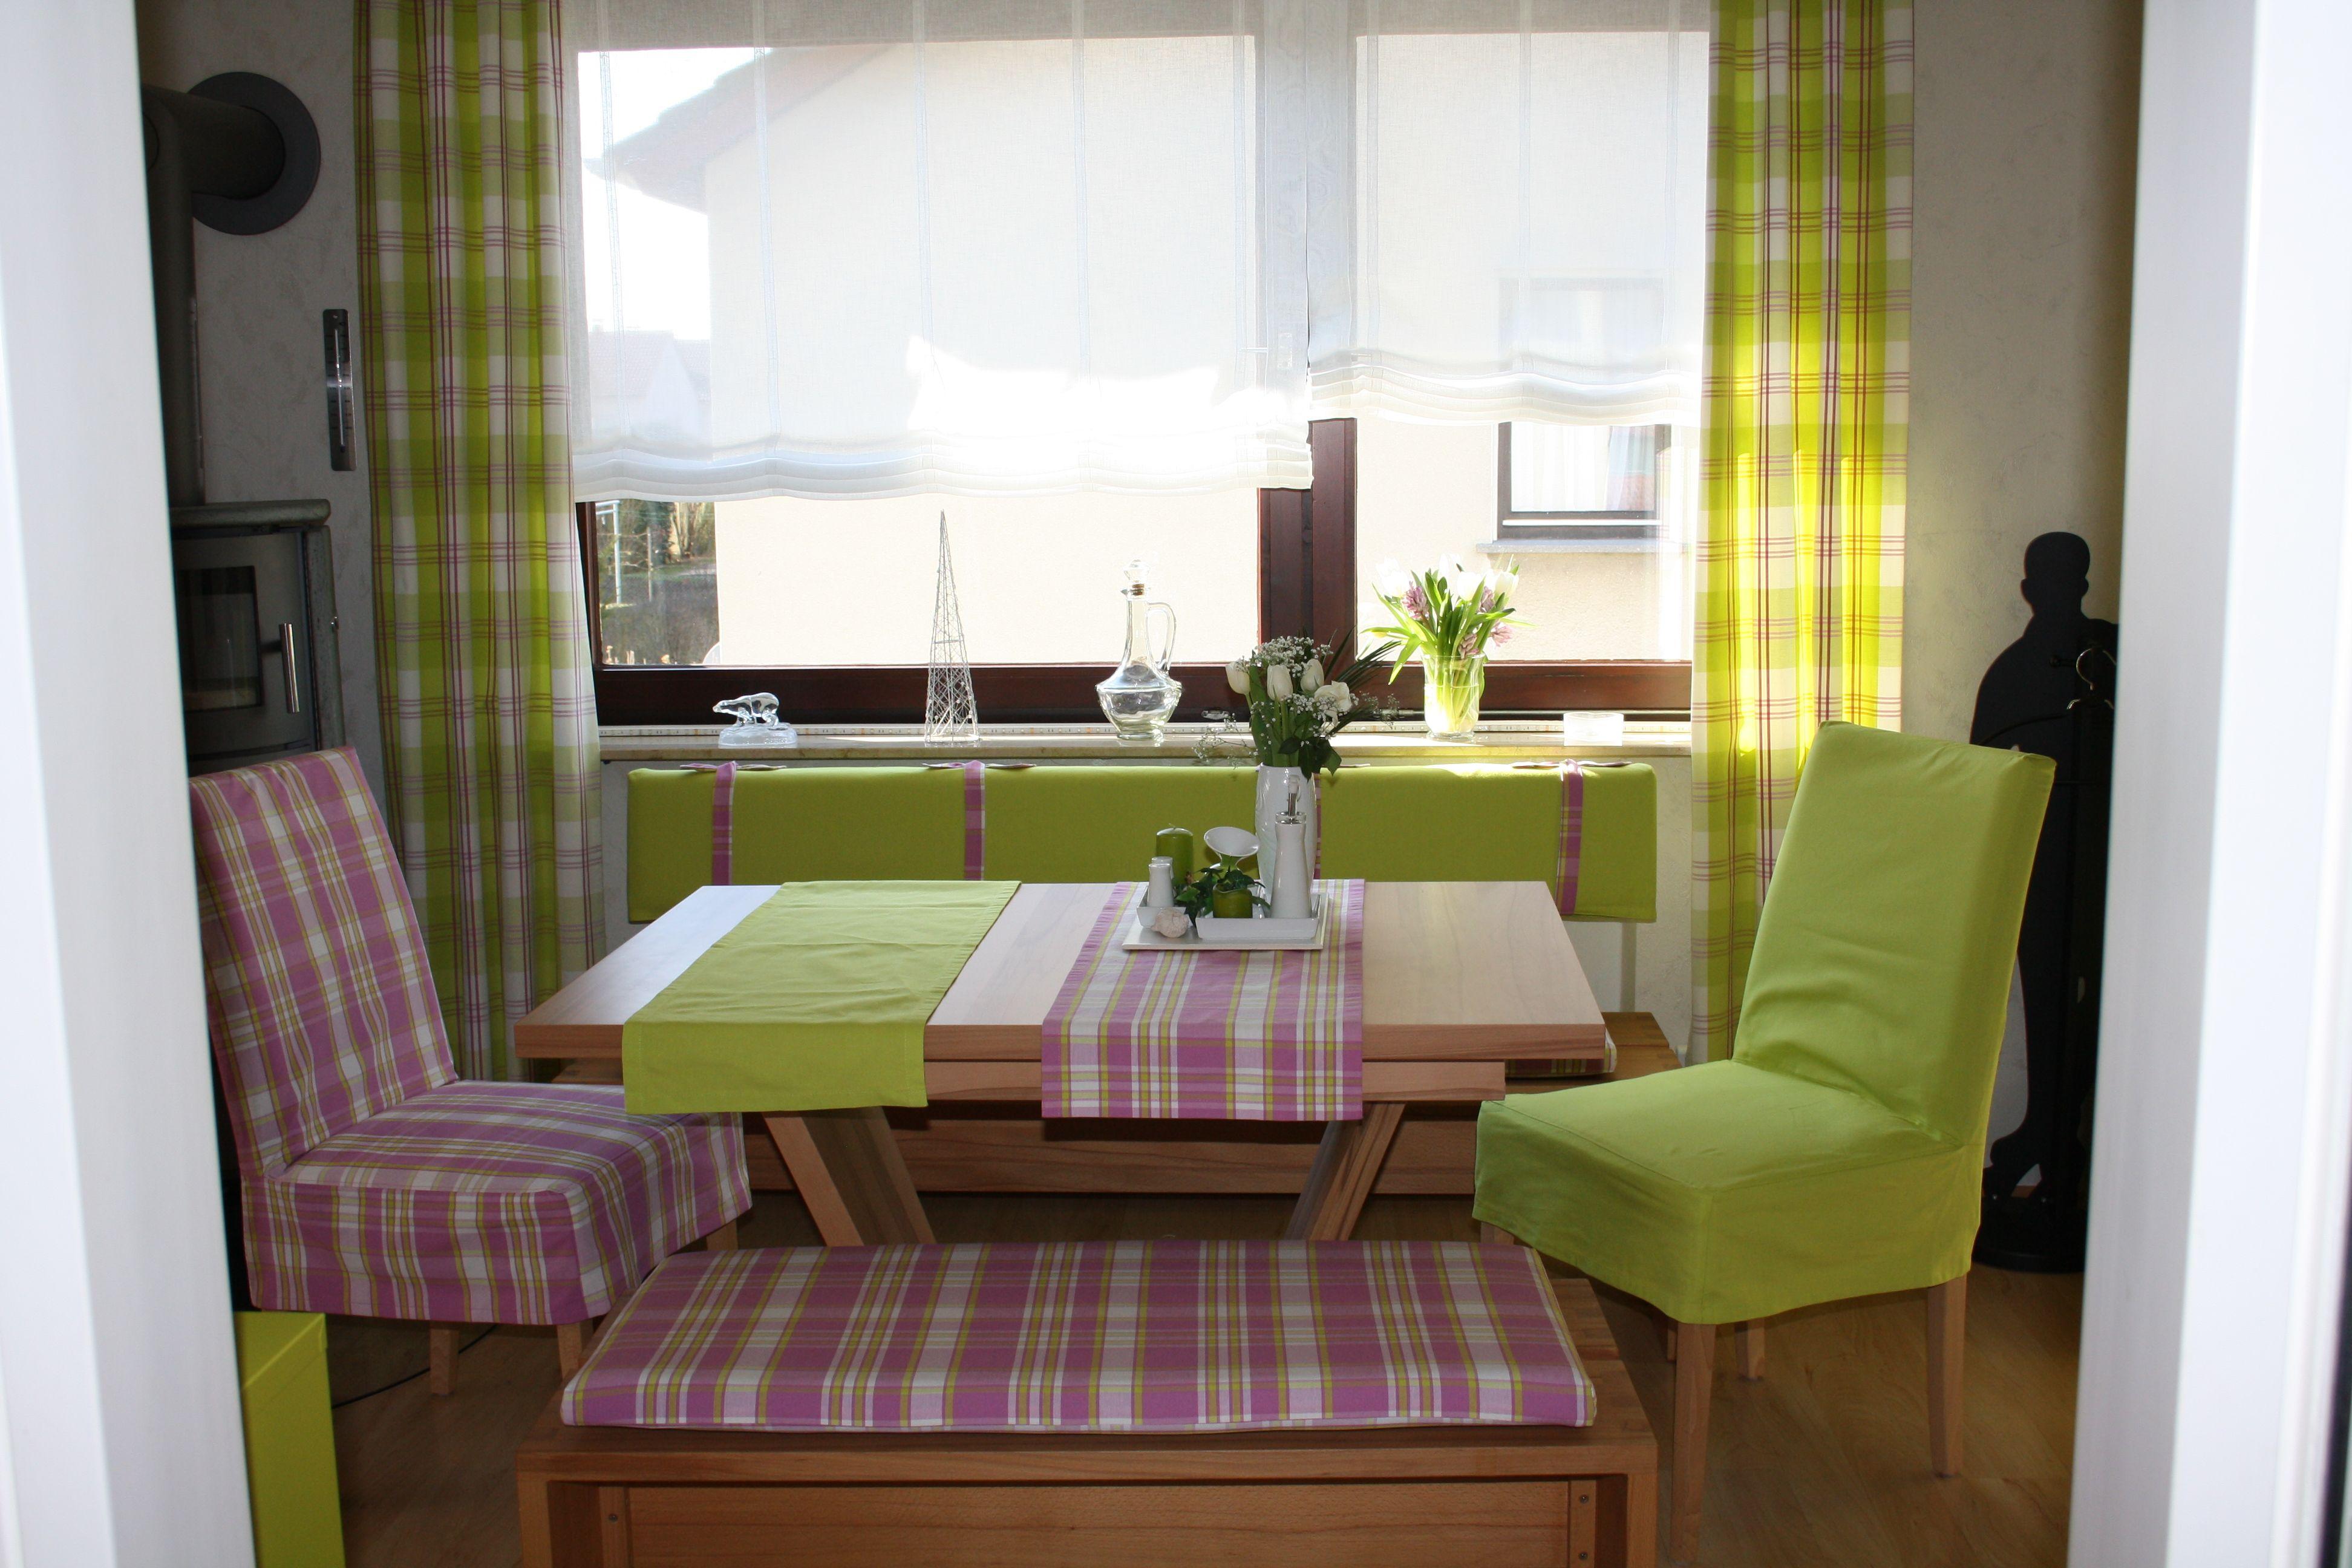 hussen decken raffrollo kissen gardinen diy n hen meins haus deko raffrollo und gardinen. Black Bedroom Furniture Sets. Home Design Ideas